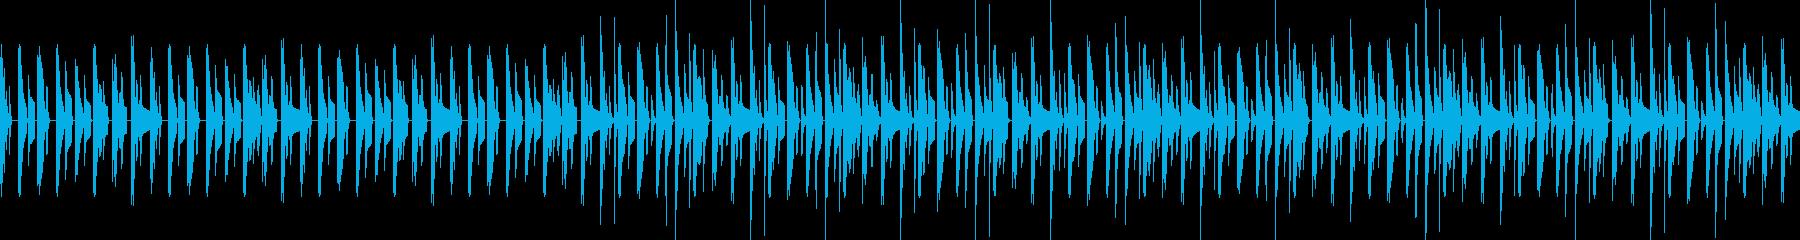 (Loop)メロディがやまびこポップスの再生済みの波形